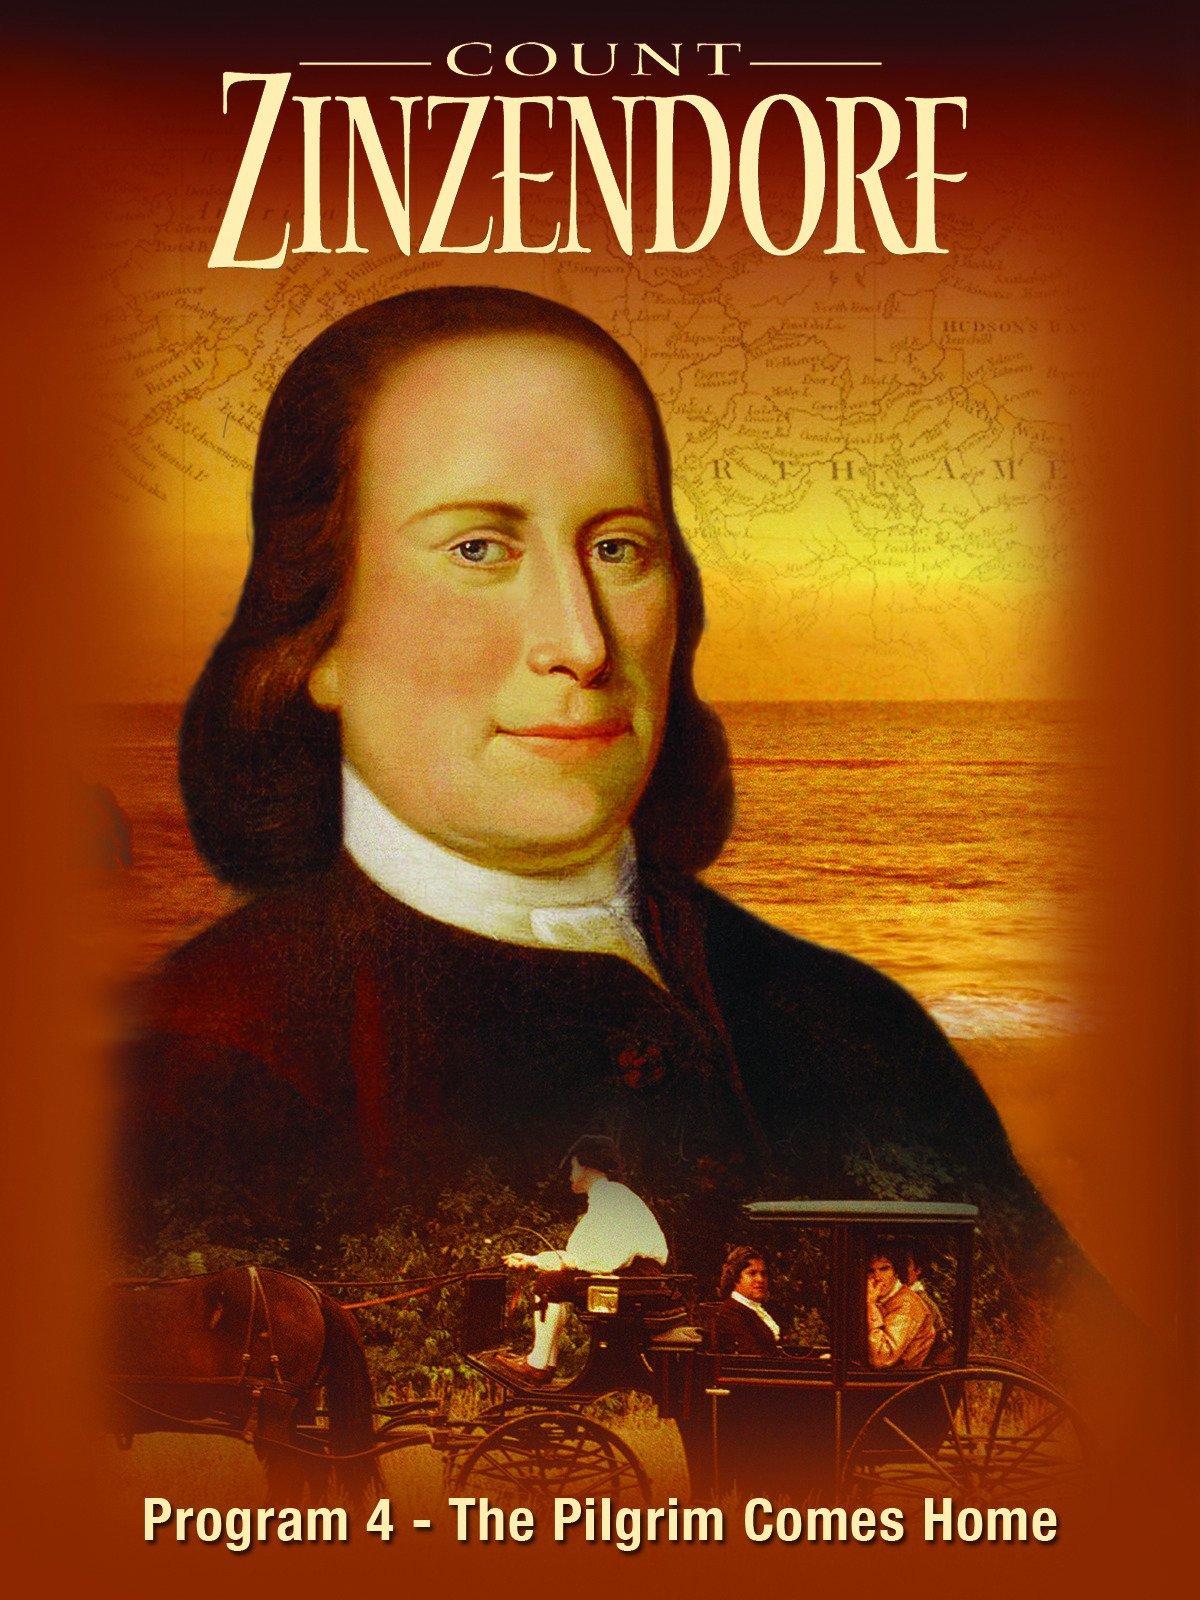 Count Zinzendorf Program 4